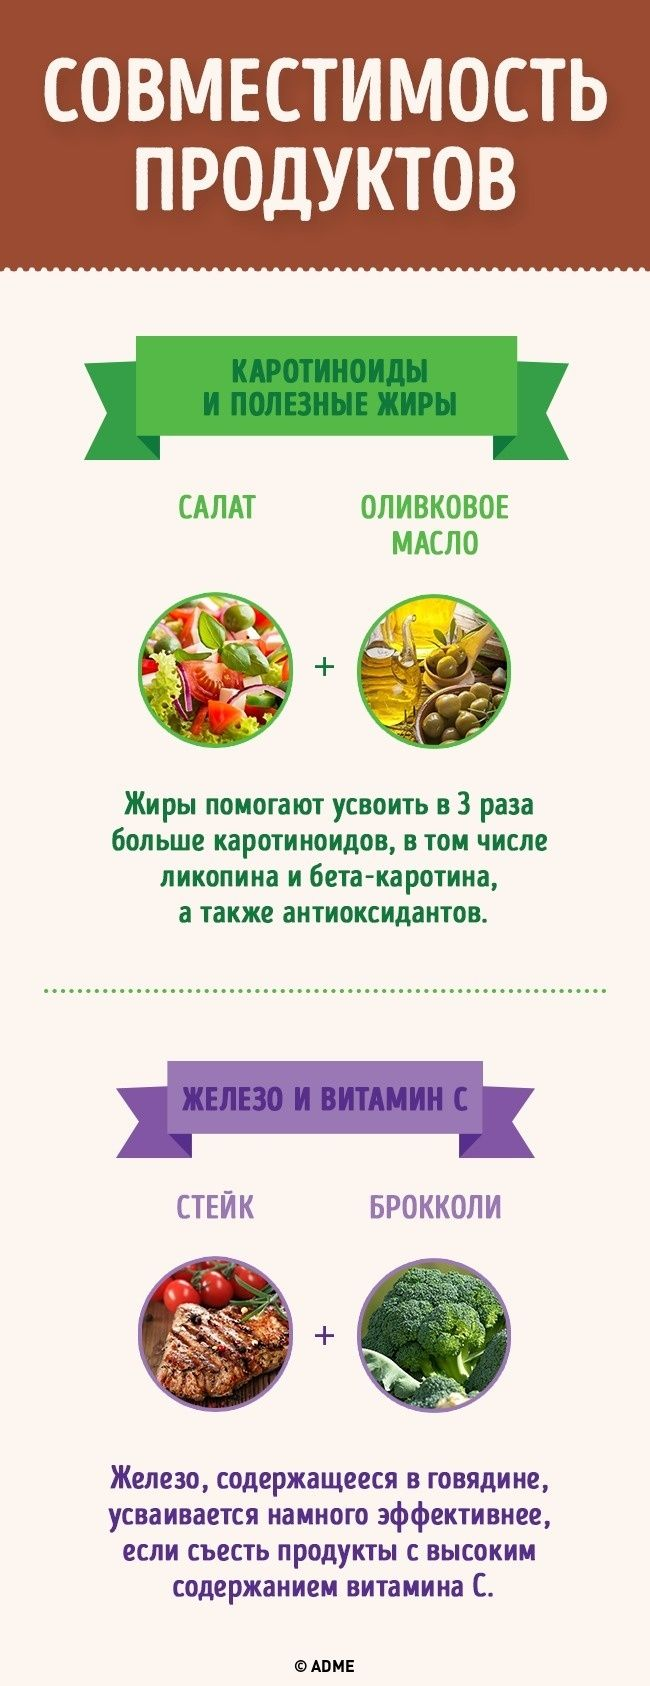 Помидоры и базилик, вино и сыр, дыня и пармская ветчина — продукты, буквально созданные друг для друга. И сочетая их на одной тарелке, мы получаем от готовых блюд максимум пользы. Диетологи подтвержда...